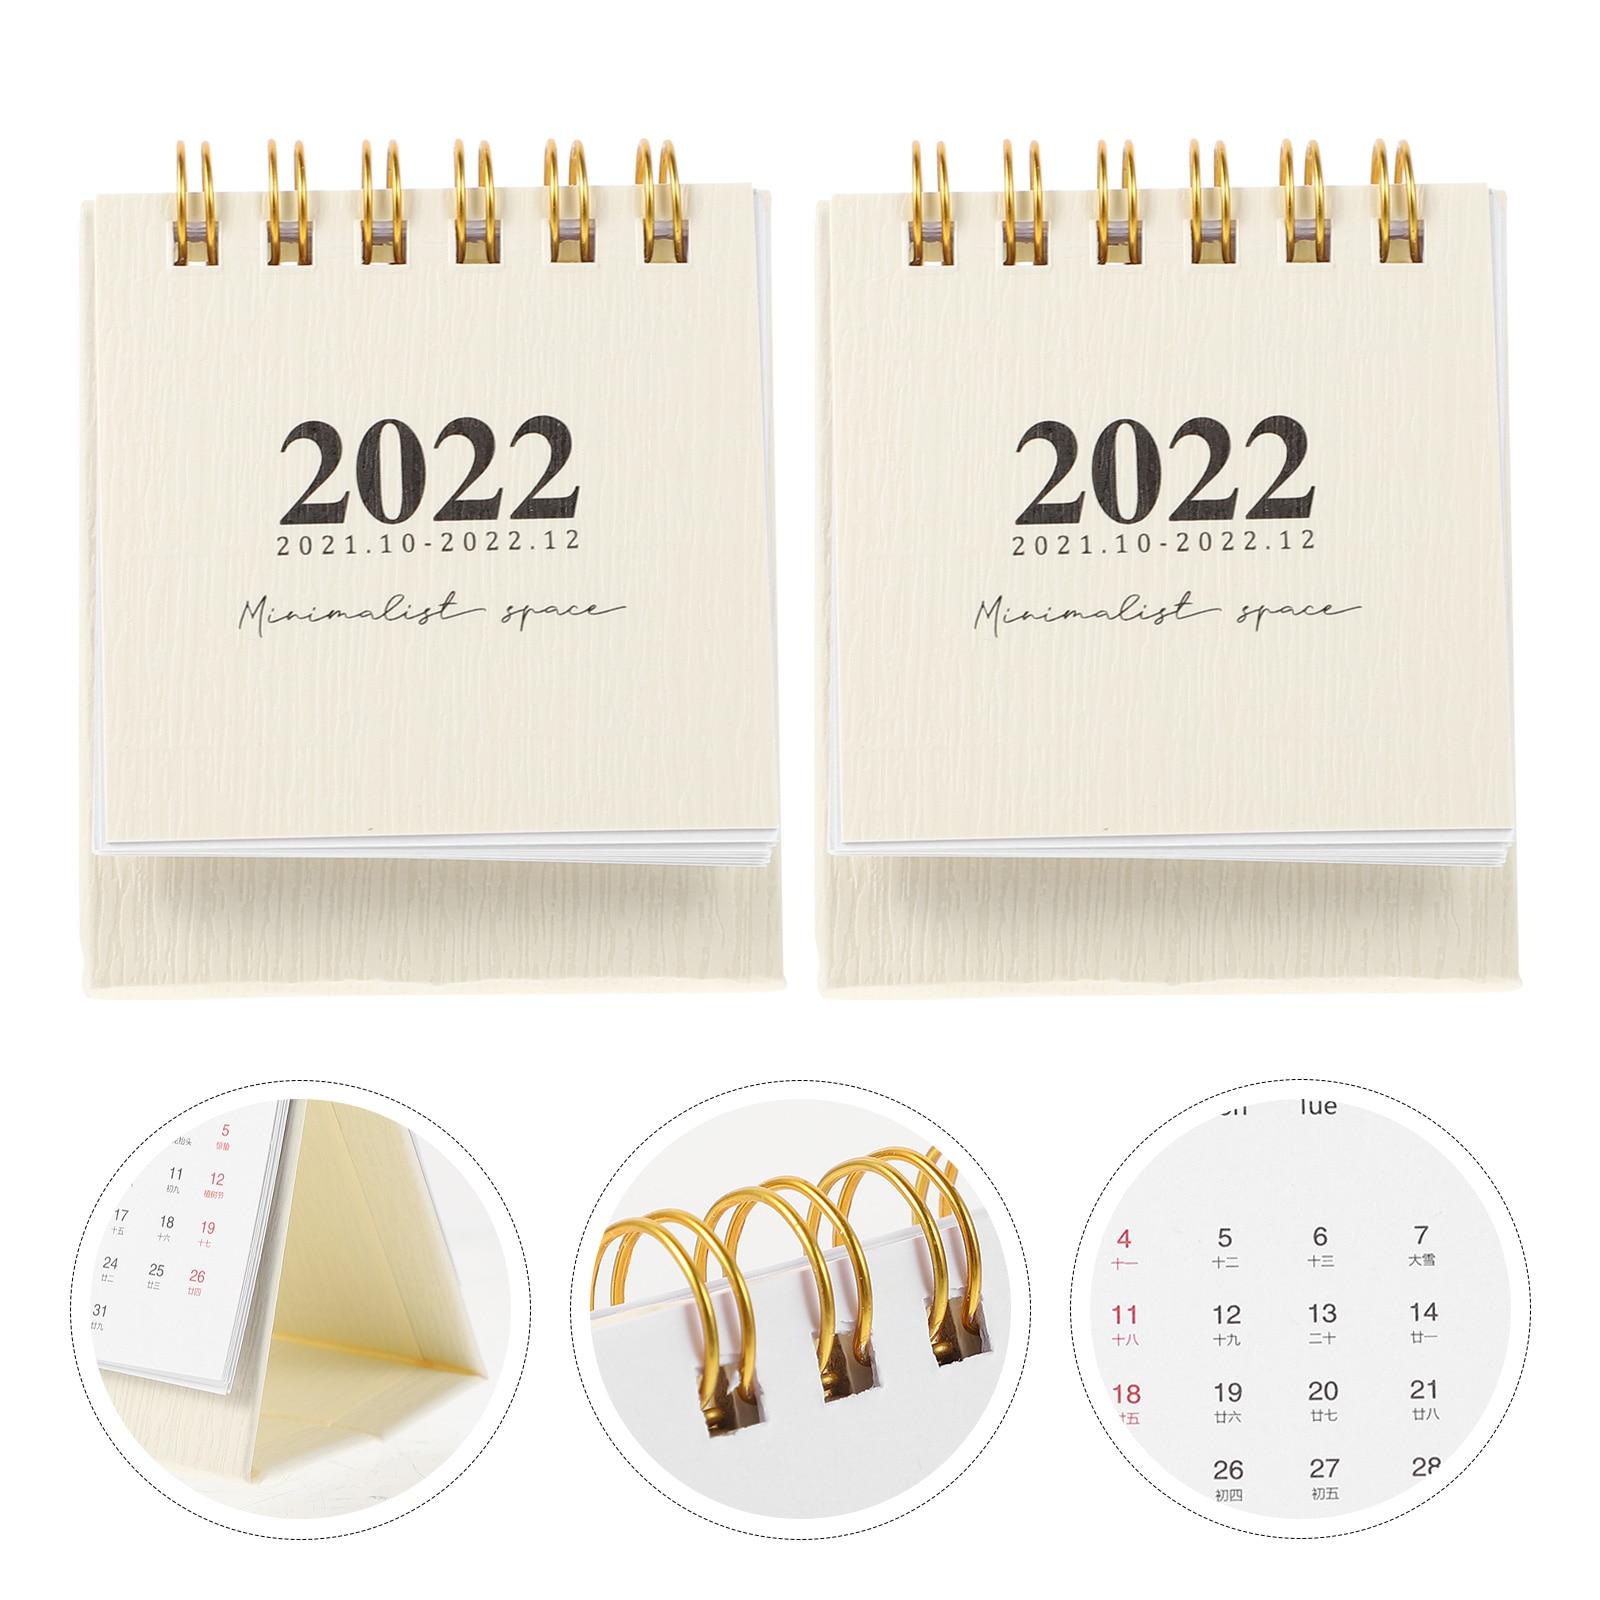 Простые бумажные календари, Мини бумажные календари, офисные календари, настольные календари, 2 шт.